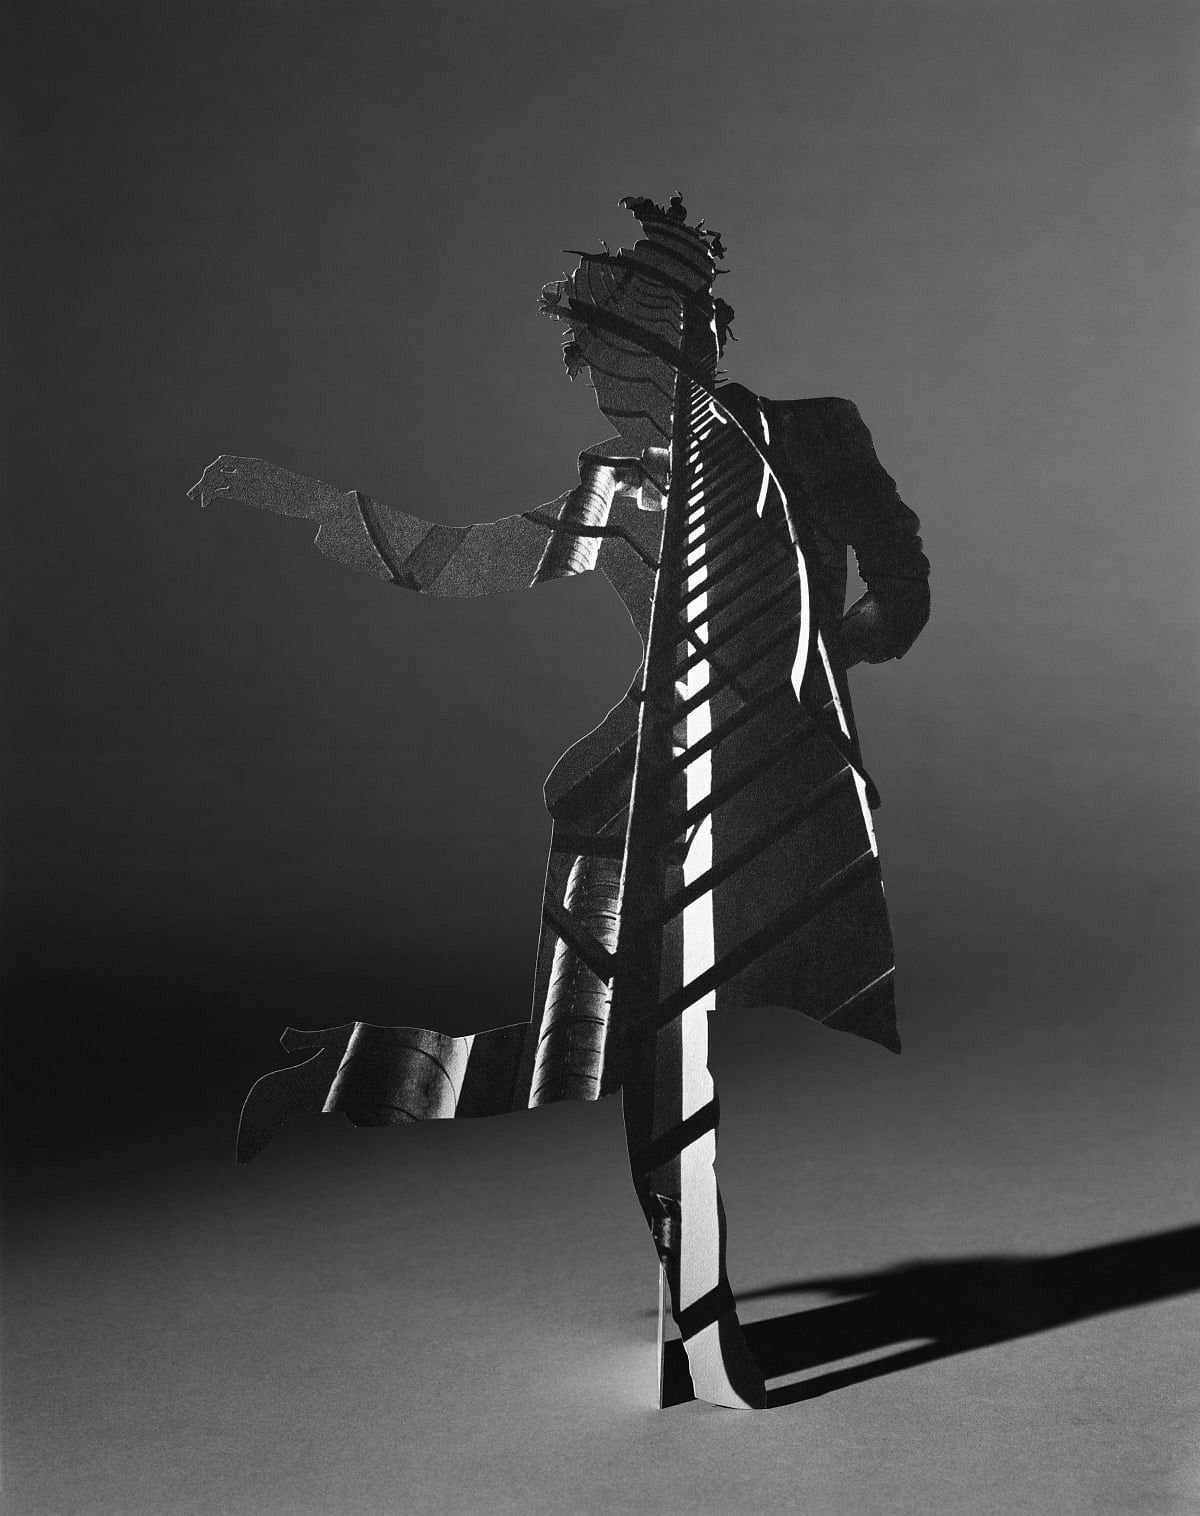 Matt Lipps Ladder, 2019